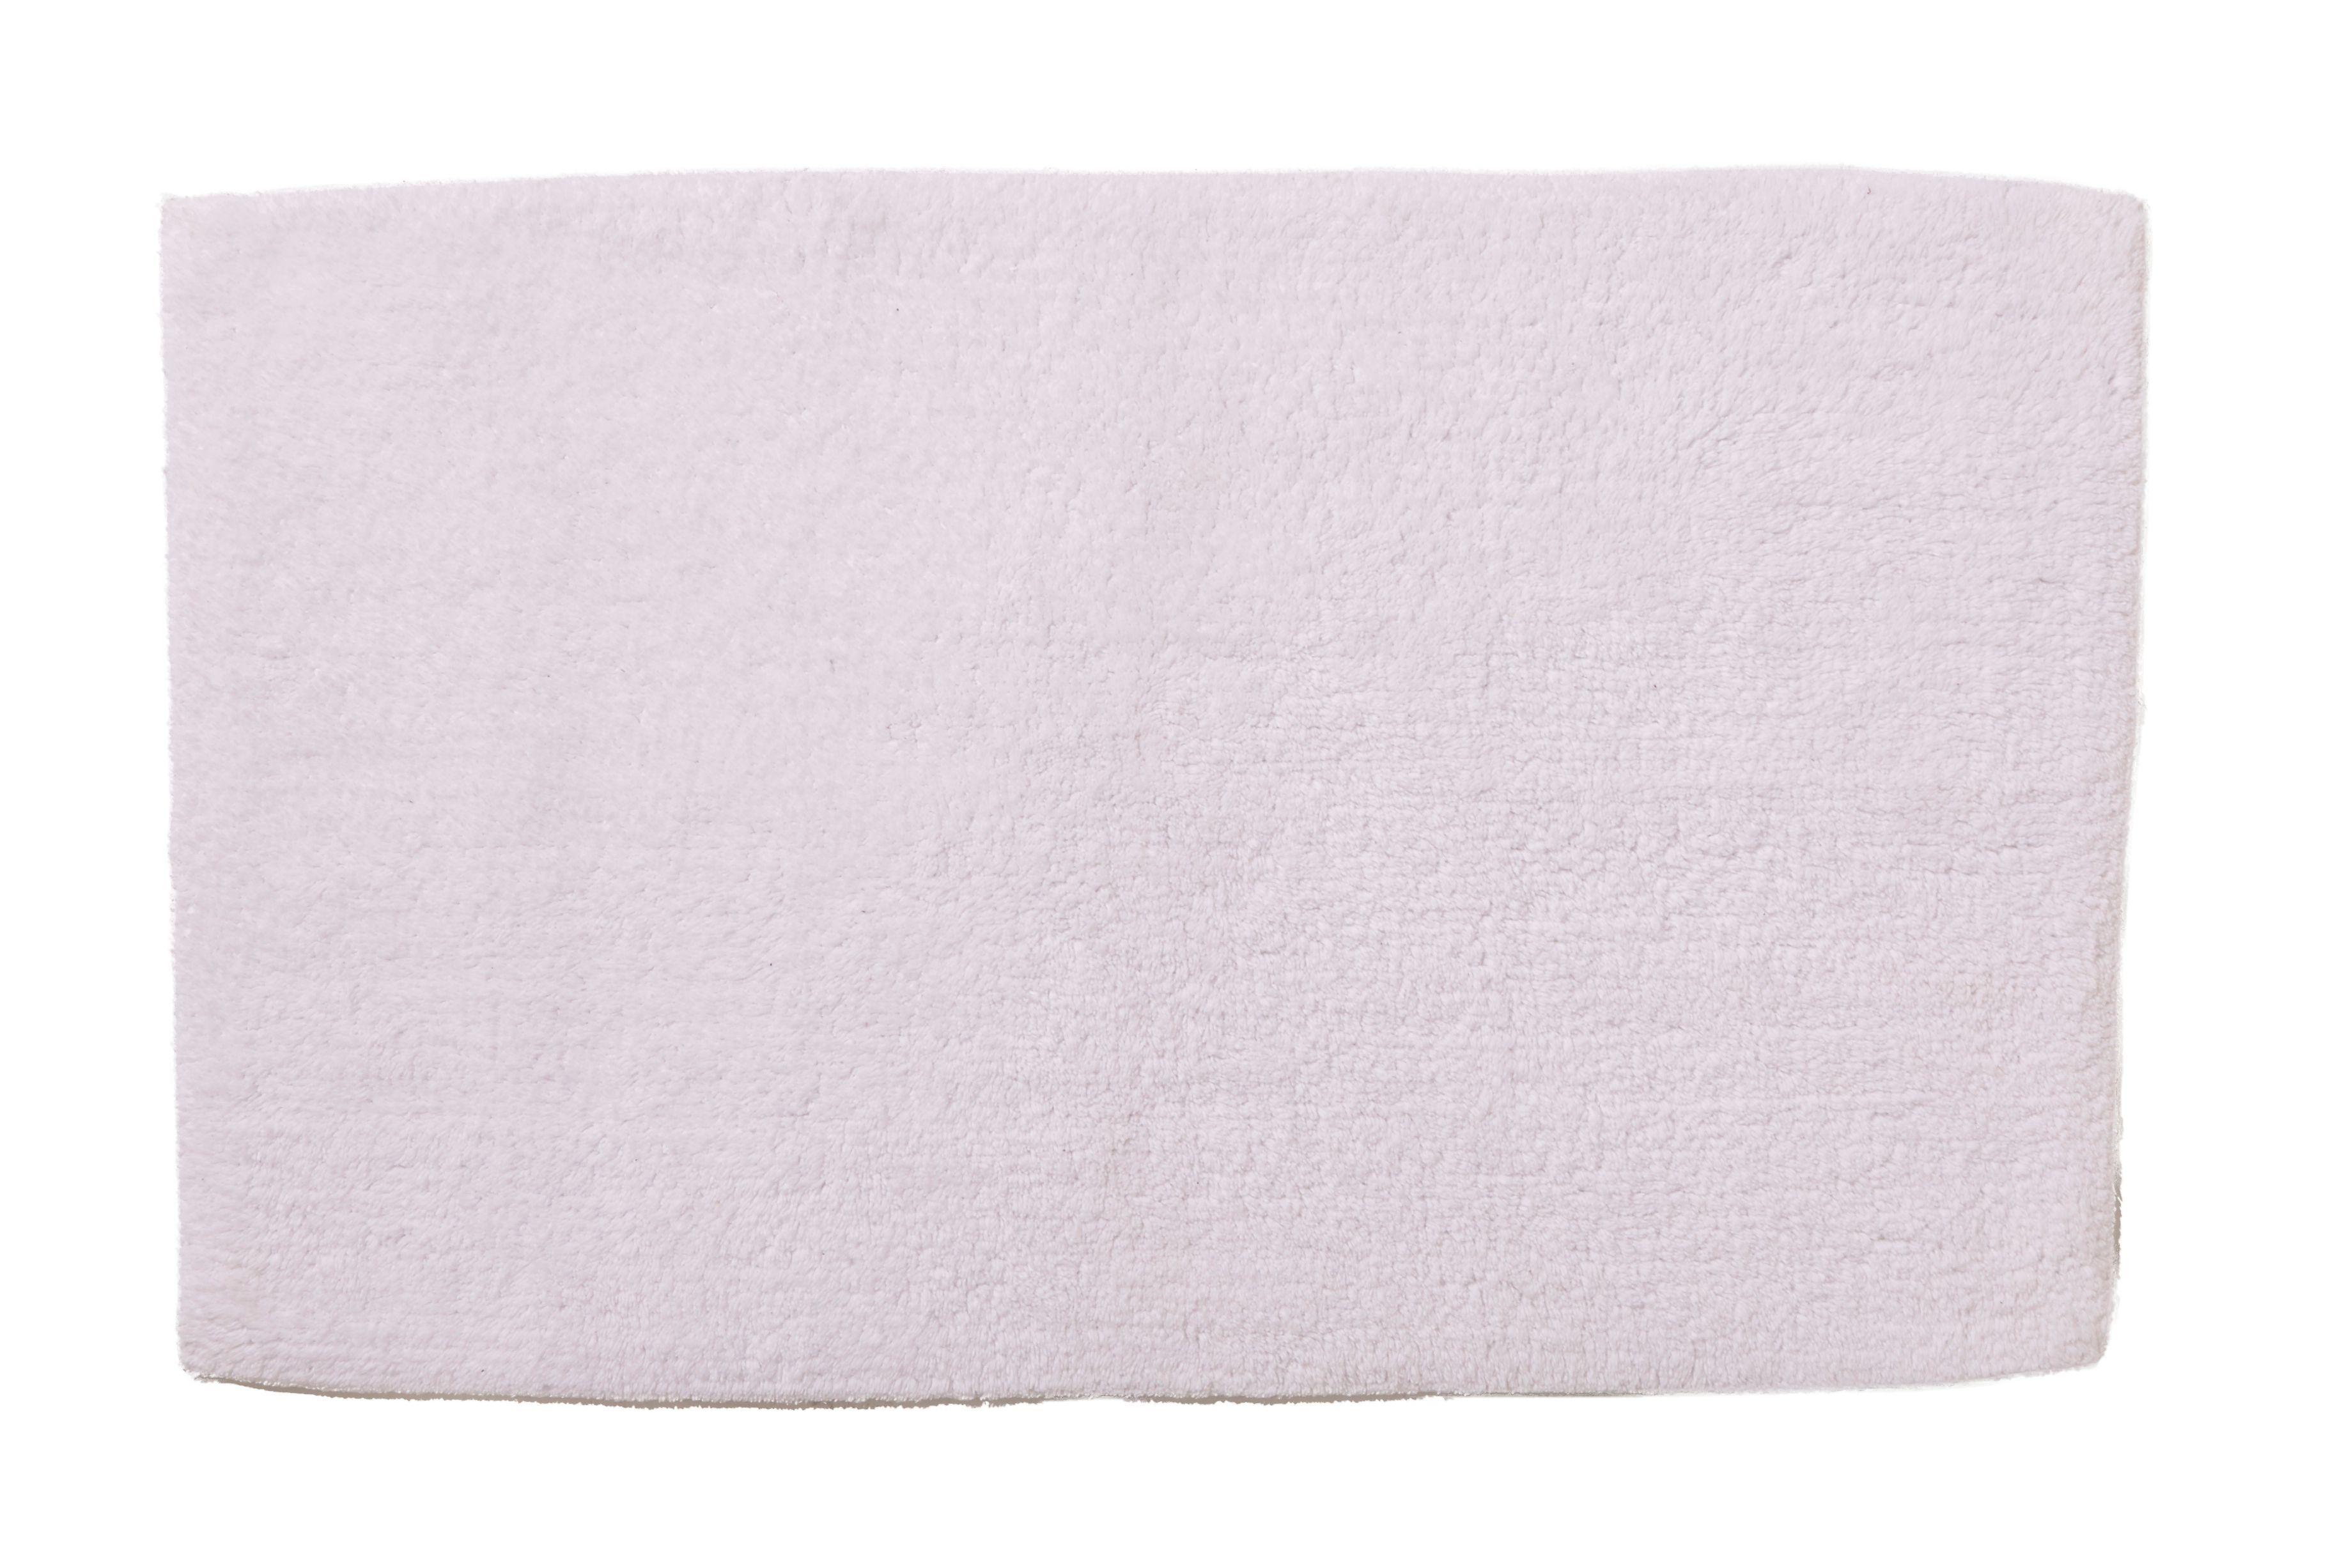 Cooke & Lewis Diani White Tufty Cotton Anti-slip Bath Mat (l)800mm (w)500mm